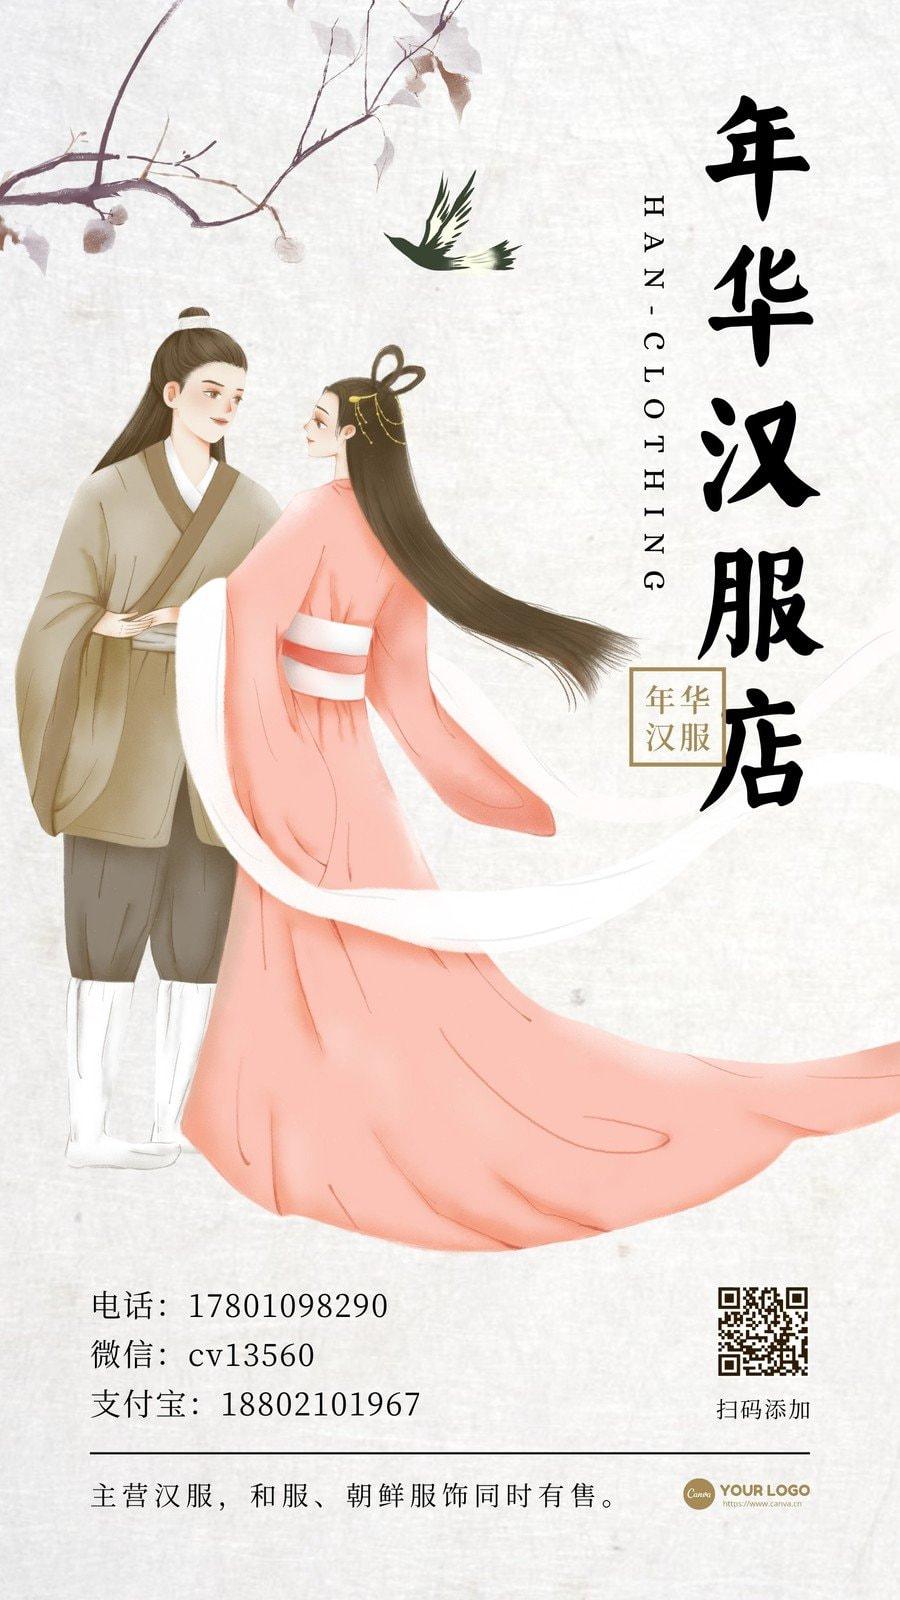 褐粉色古风汉服眷侣树枝飞燕插画中式服饰宣传中文电子名片